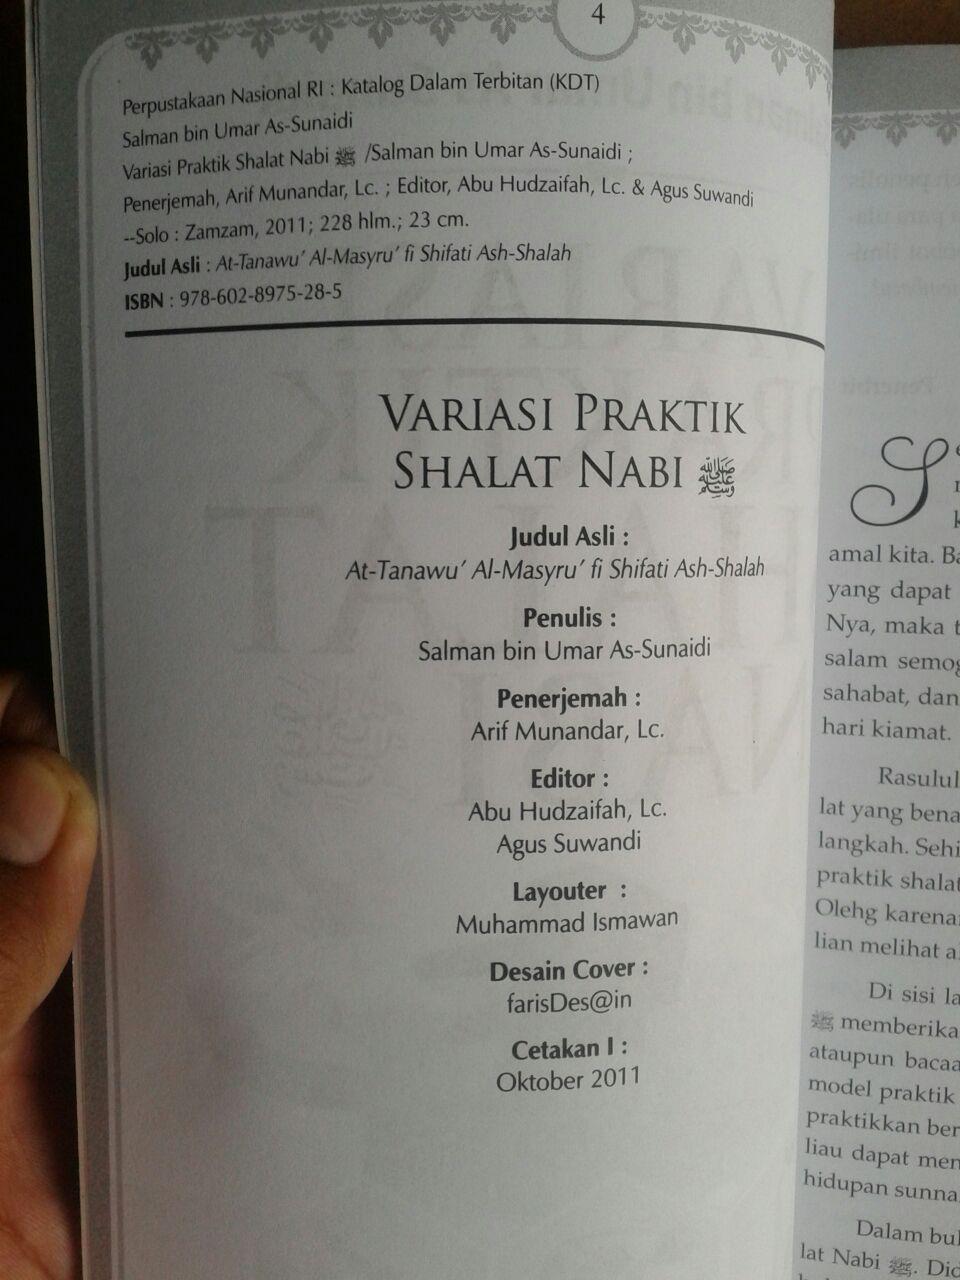 Buku Variasi Praktik Shalat Nabi Kajian Lengkap Shalat isi 4